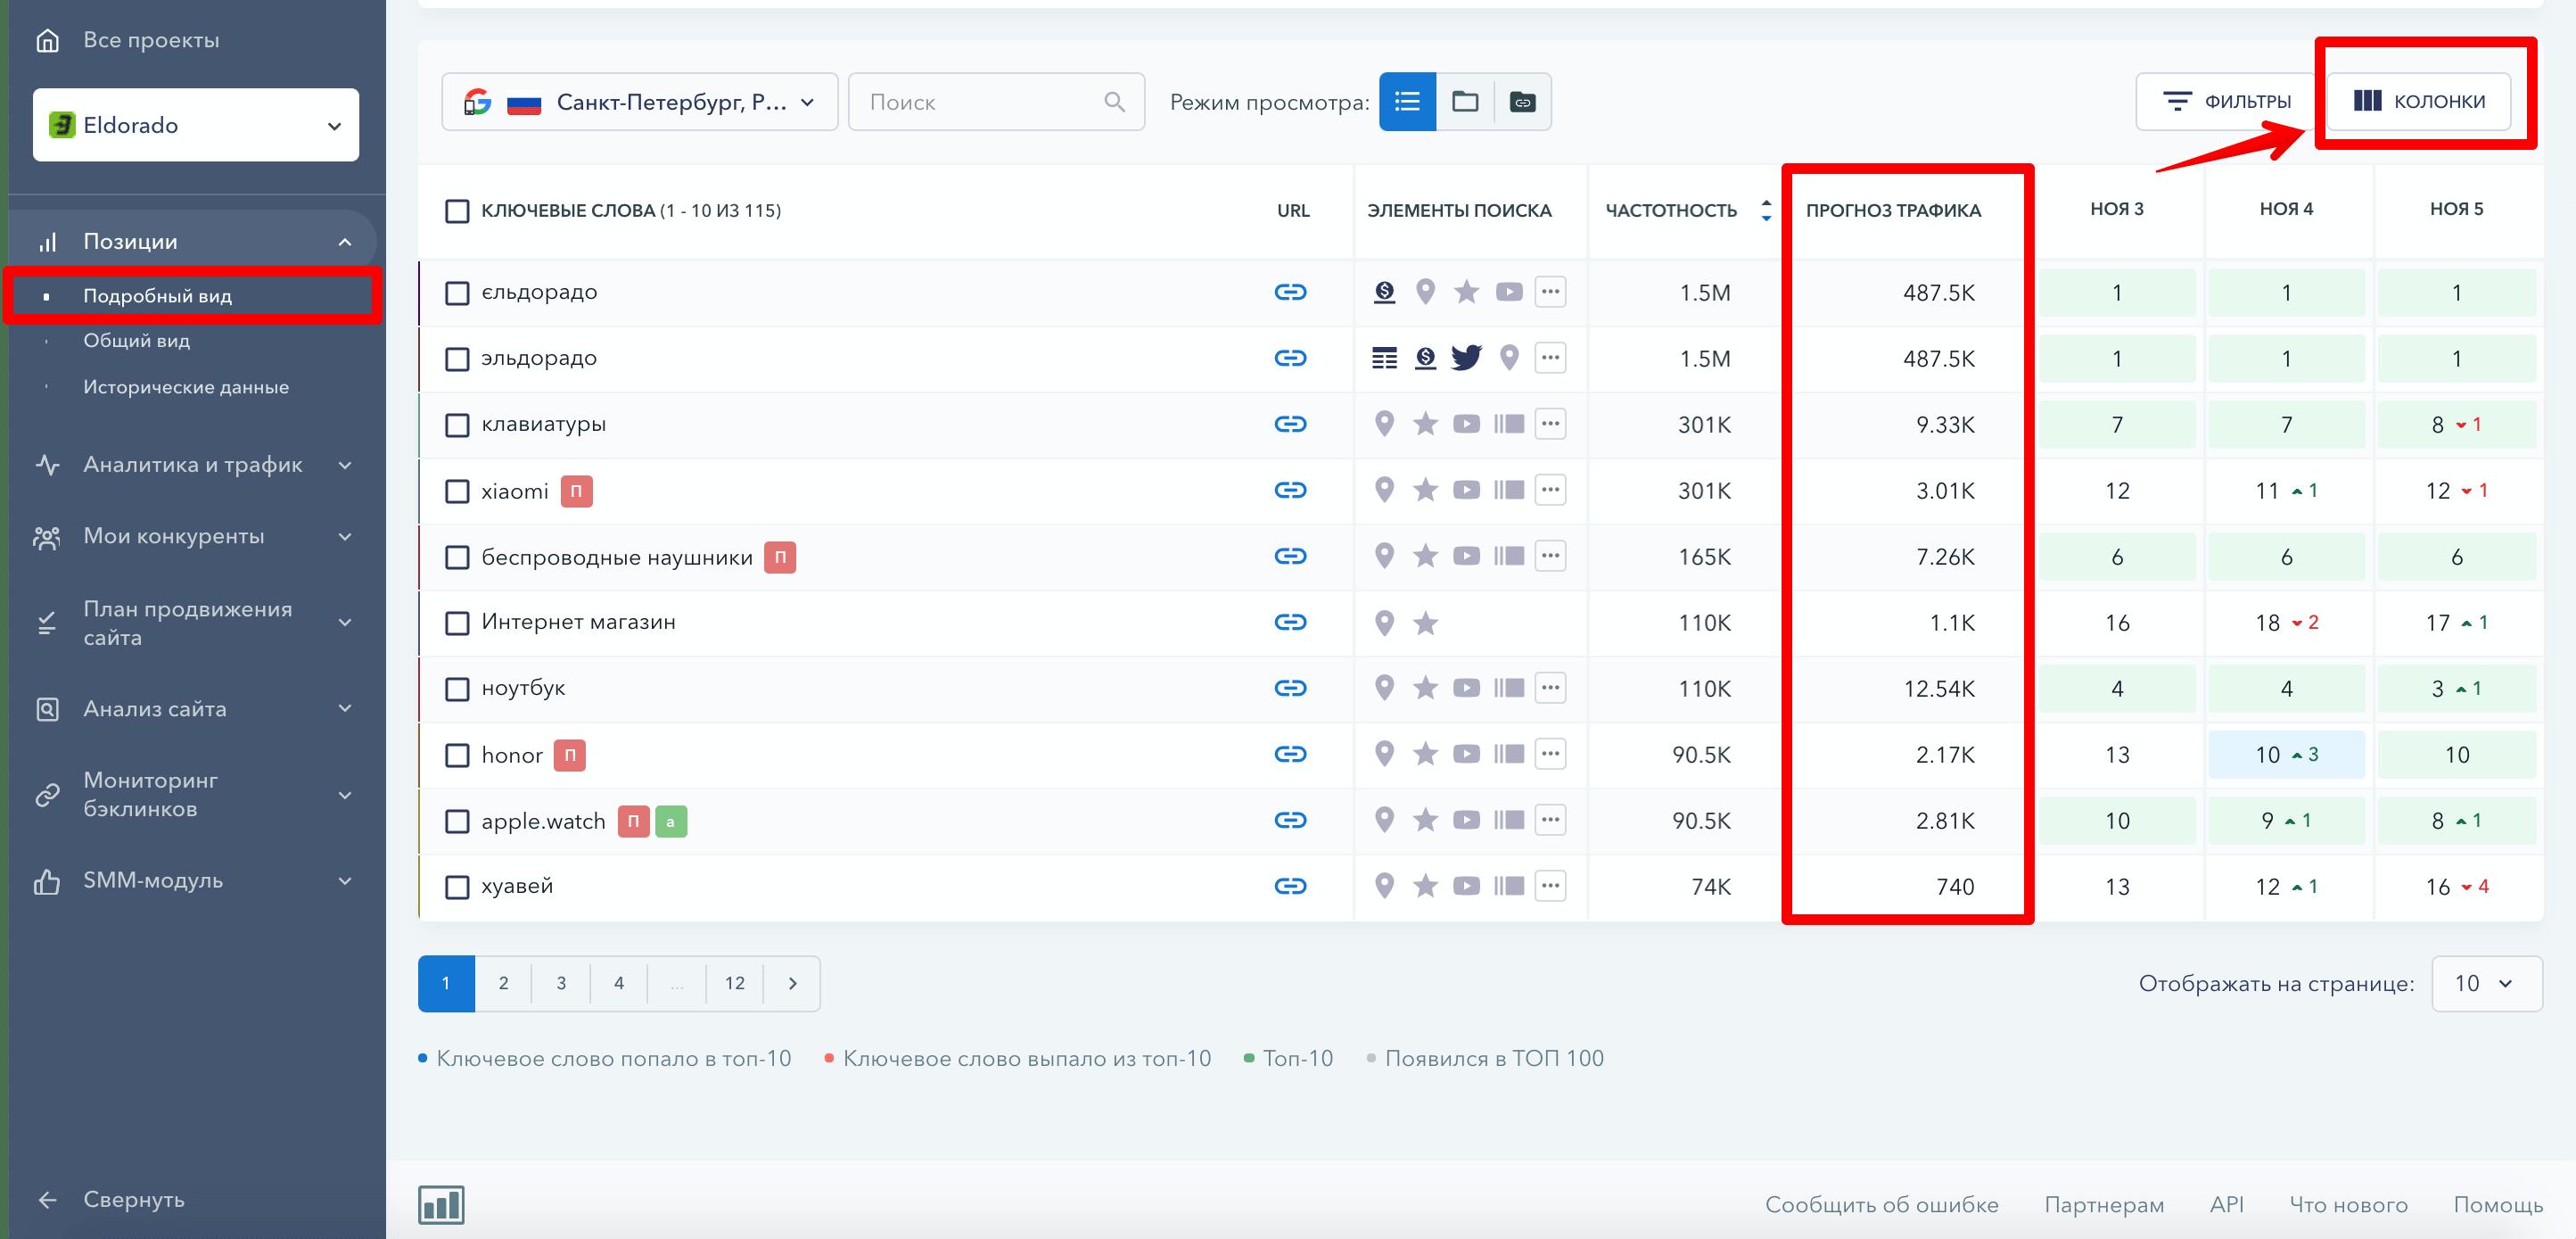 Прогноз трафика для ключей в SE Ranking